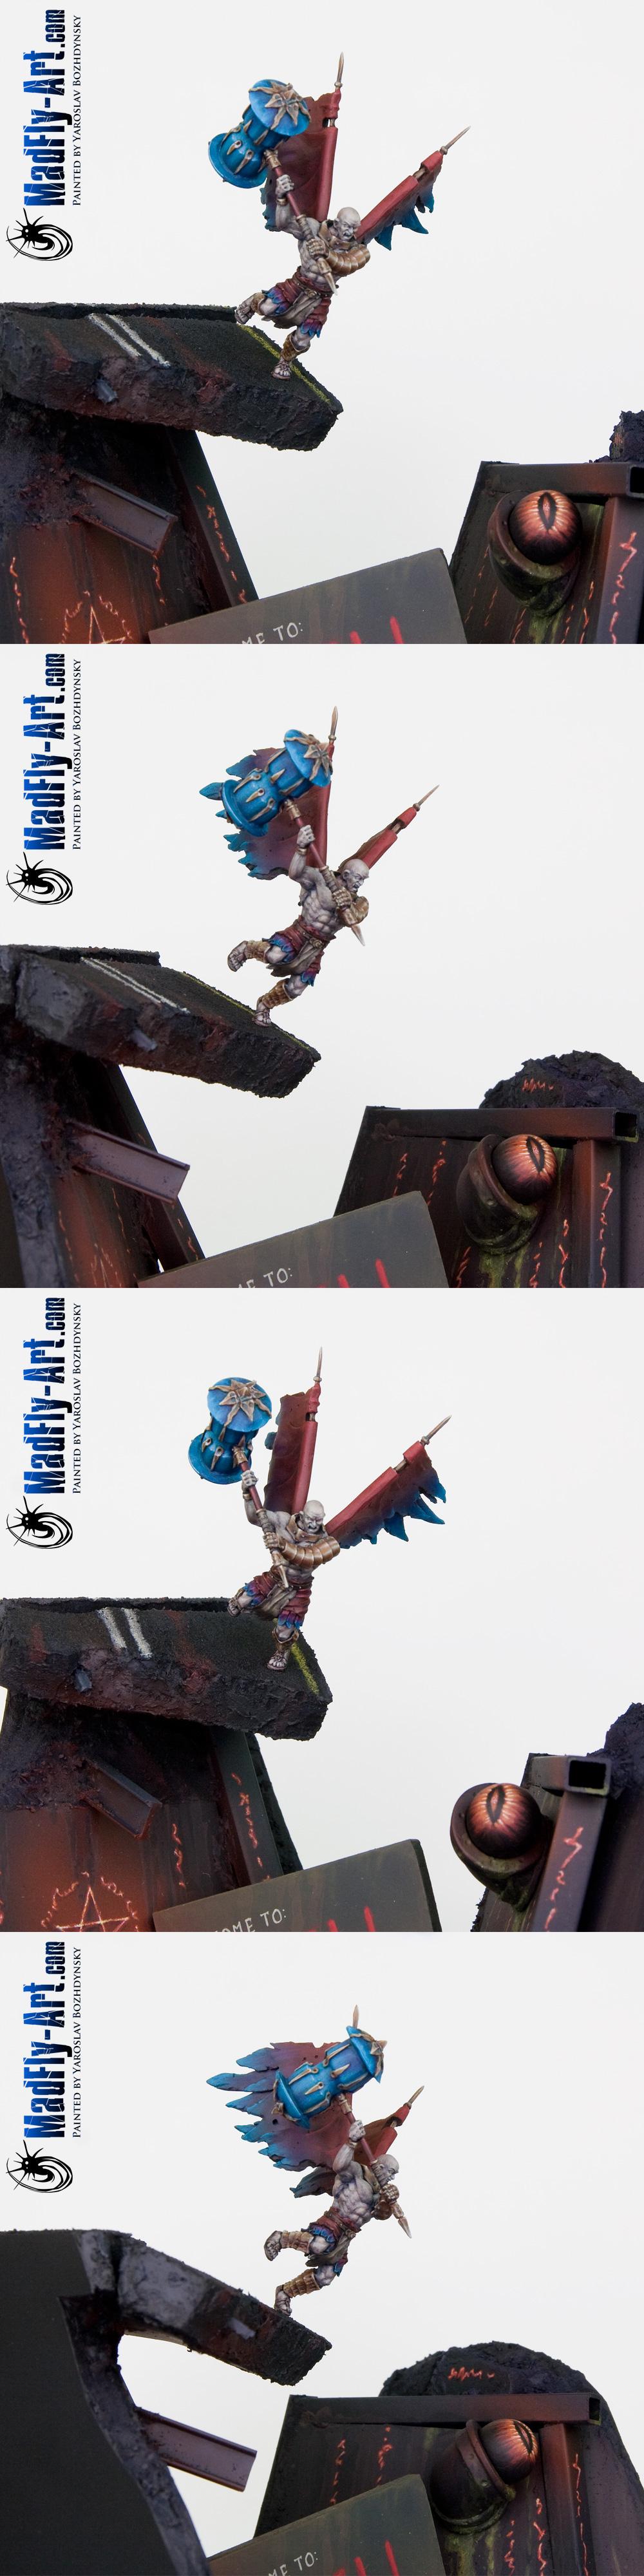 Moloch Diorama (Closeups)